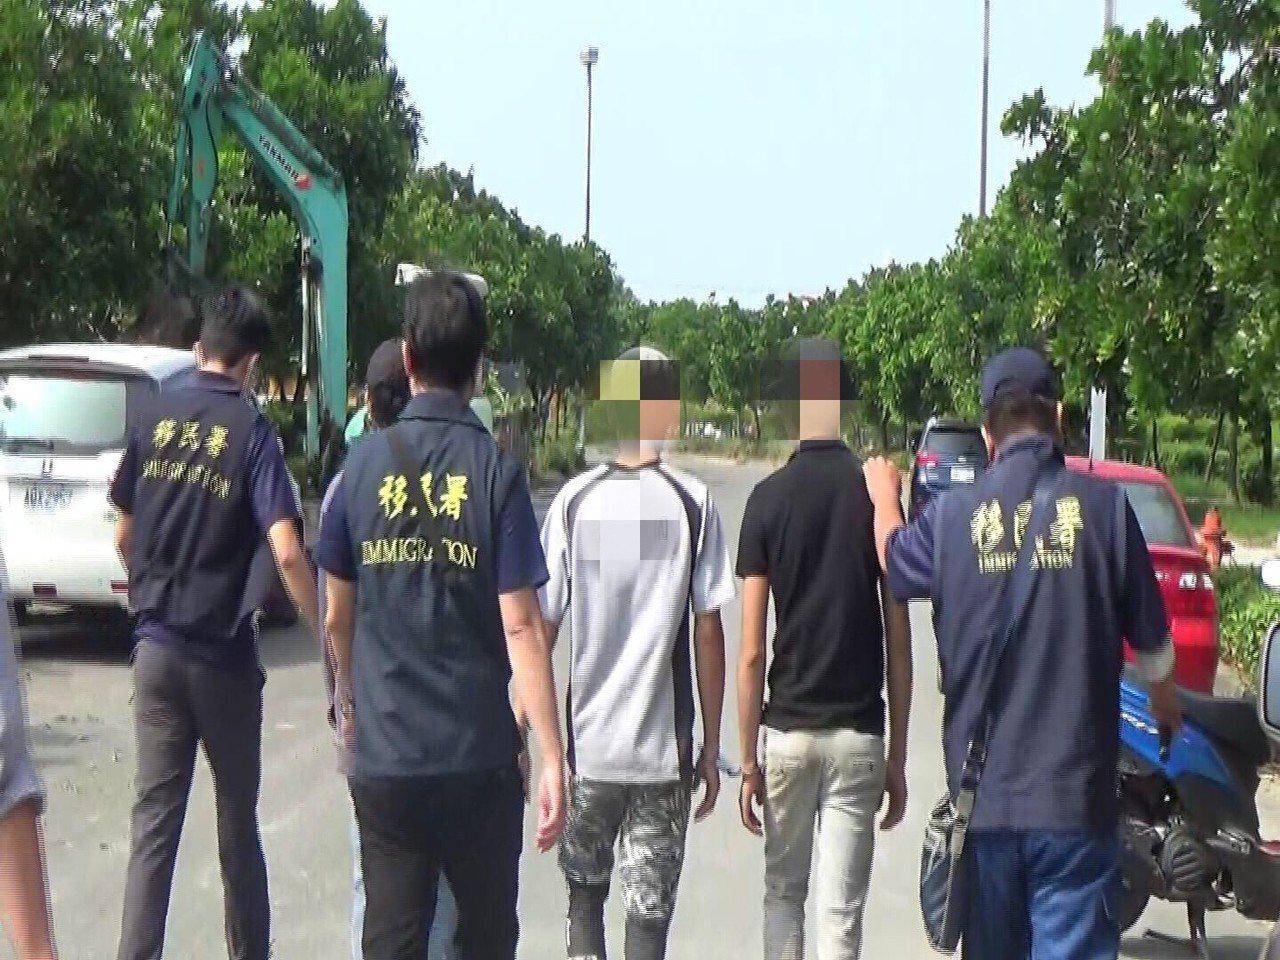 移民署南區事務大隊雲林縣專勤隊昨日執行全國擴大聯合查緝行動,共計查獲42人,其中...